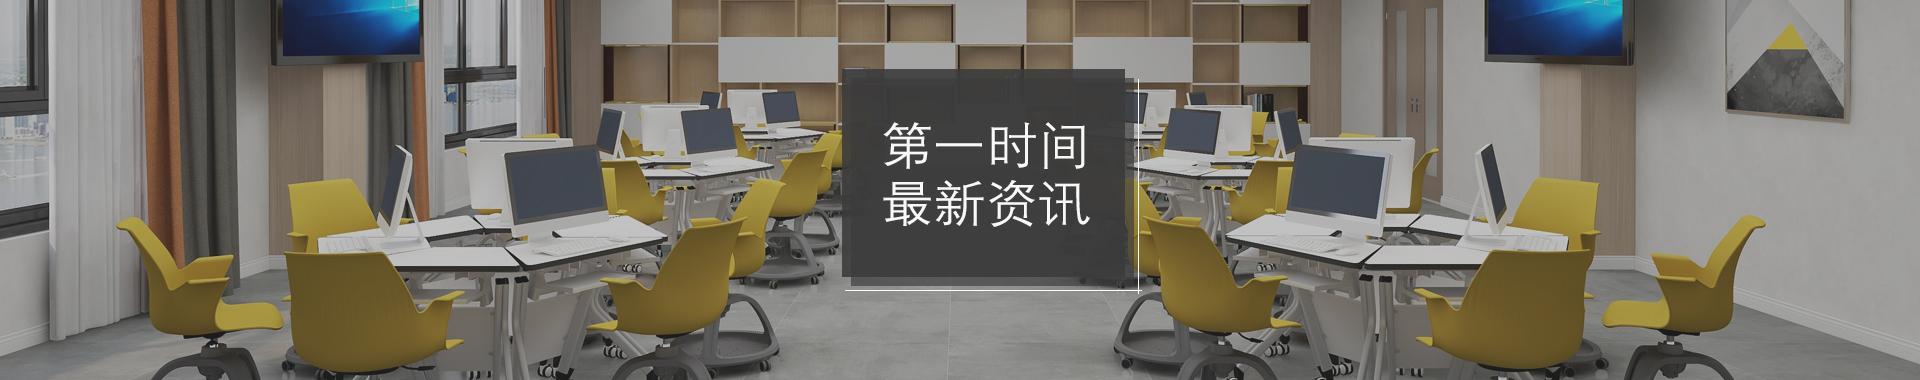 了解最新关于学校家具的资讯